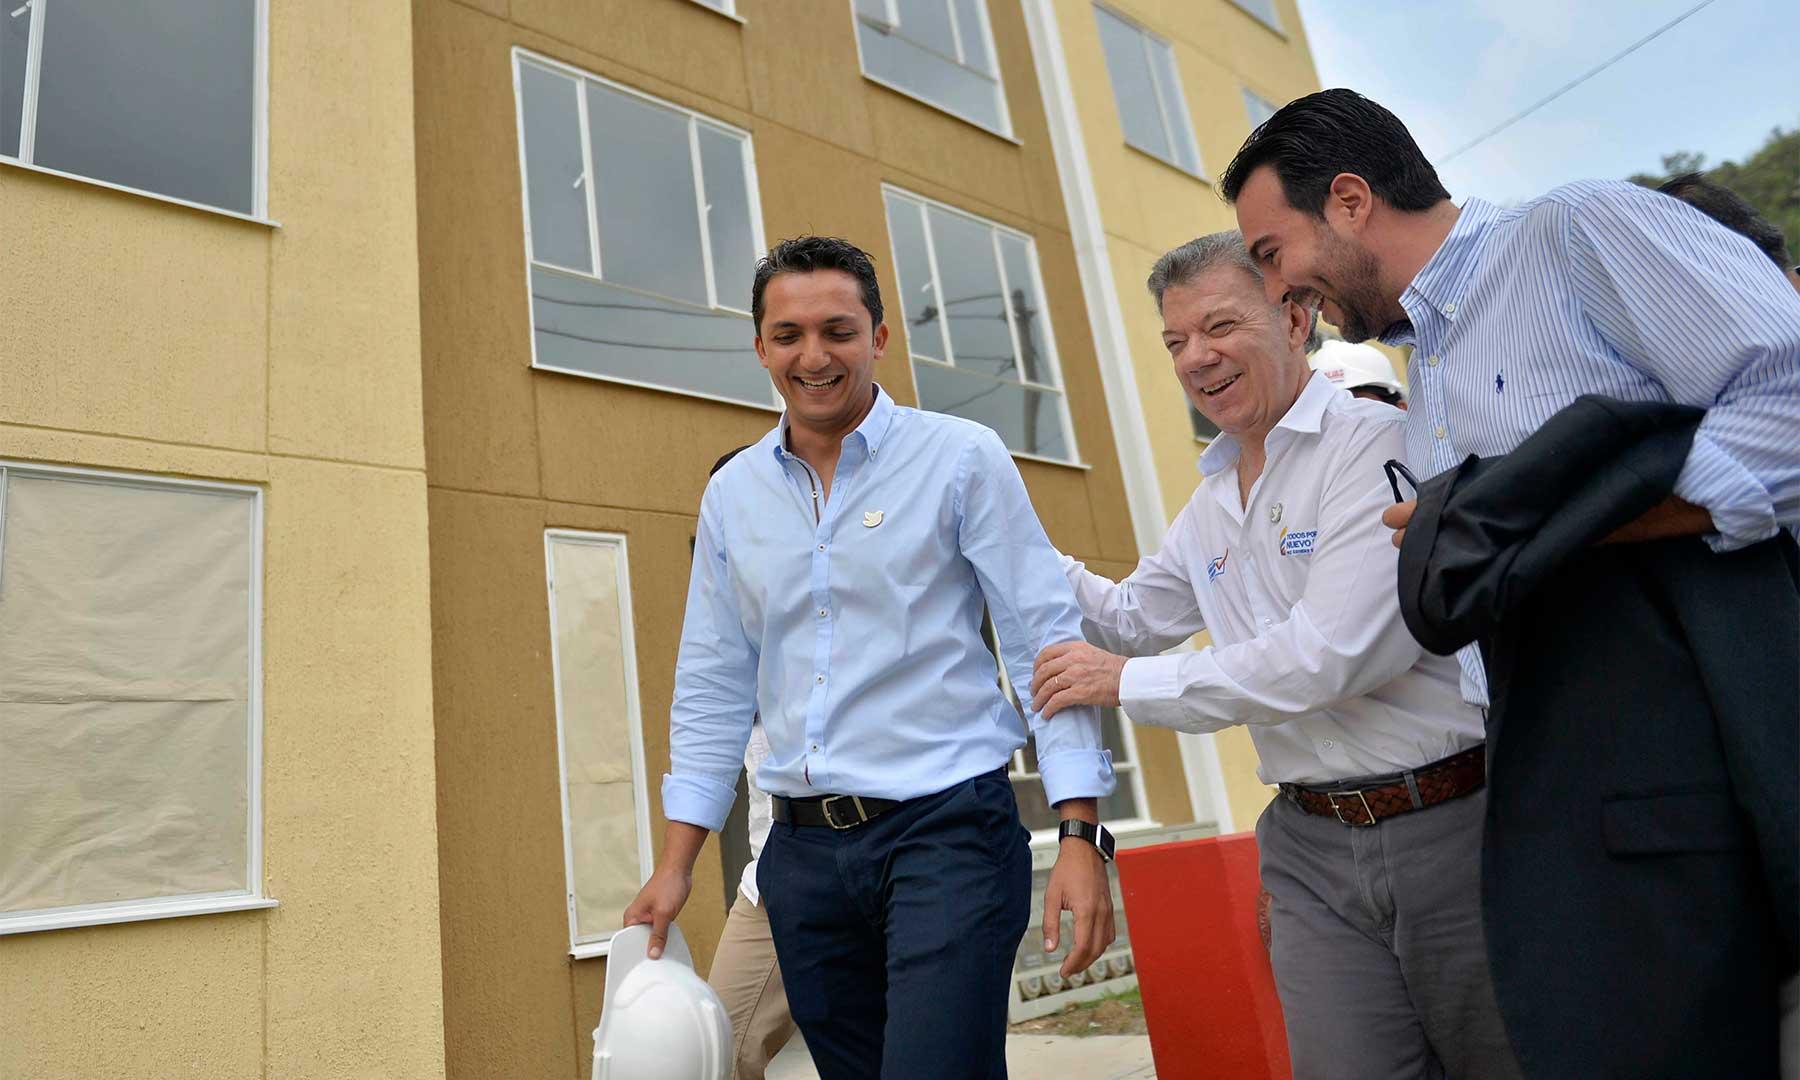 En compañía del alcalde de Pereira, Juan Pablo Gallo Maya, el Presidente Santos recorrió el nuevo proyecto de viviendas que beneficiará en esa ciudad a 600 familias en el programa Mi Casa Ya- Ahorradores.